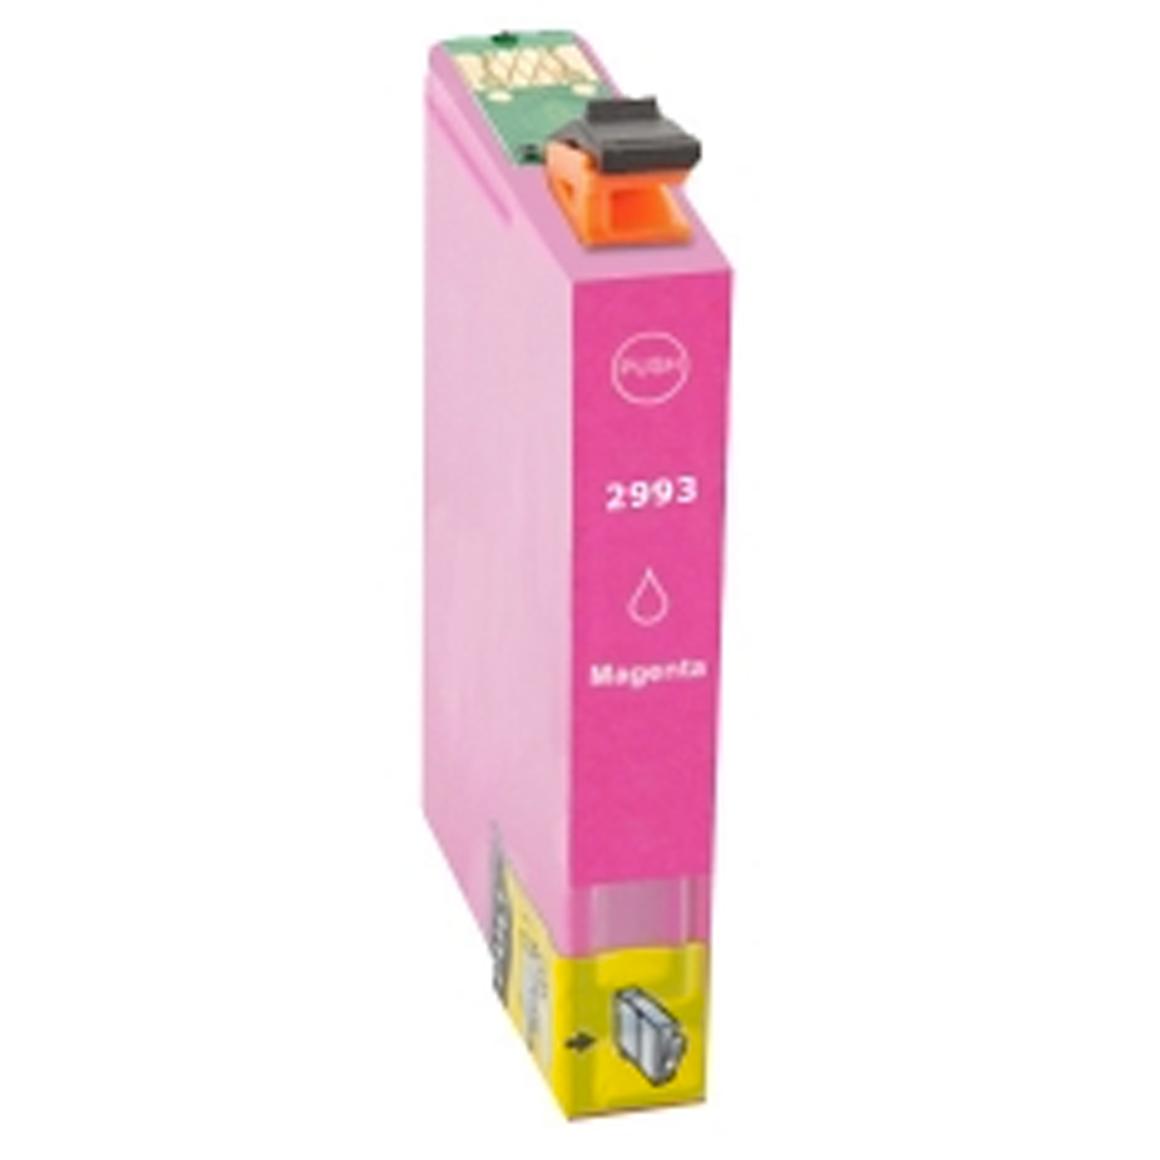 Afbeelding van Epson Expression Home XP 257 inkt cartridge Magenta 29 Xl T2993 (huismerk inktcartridges)